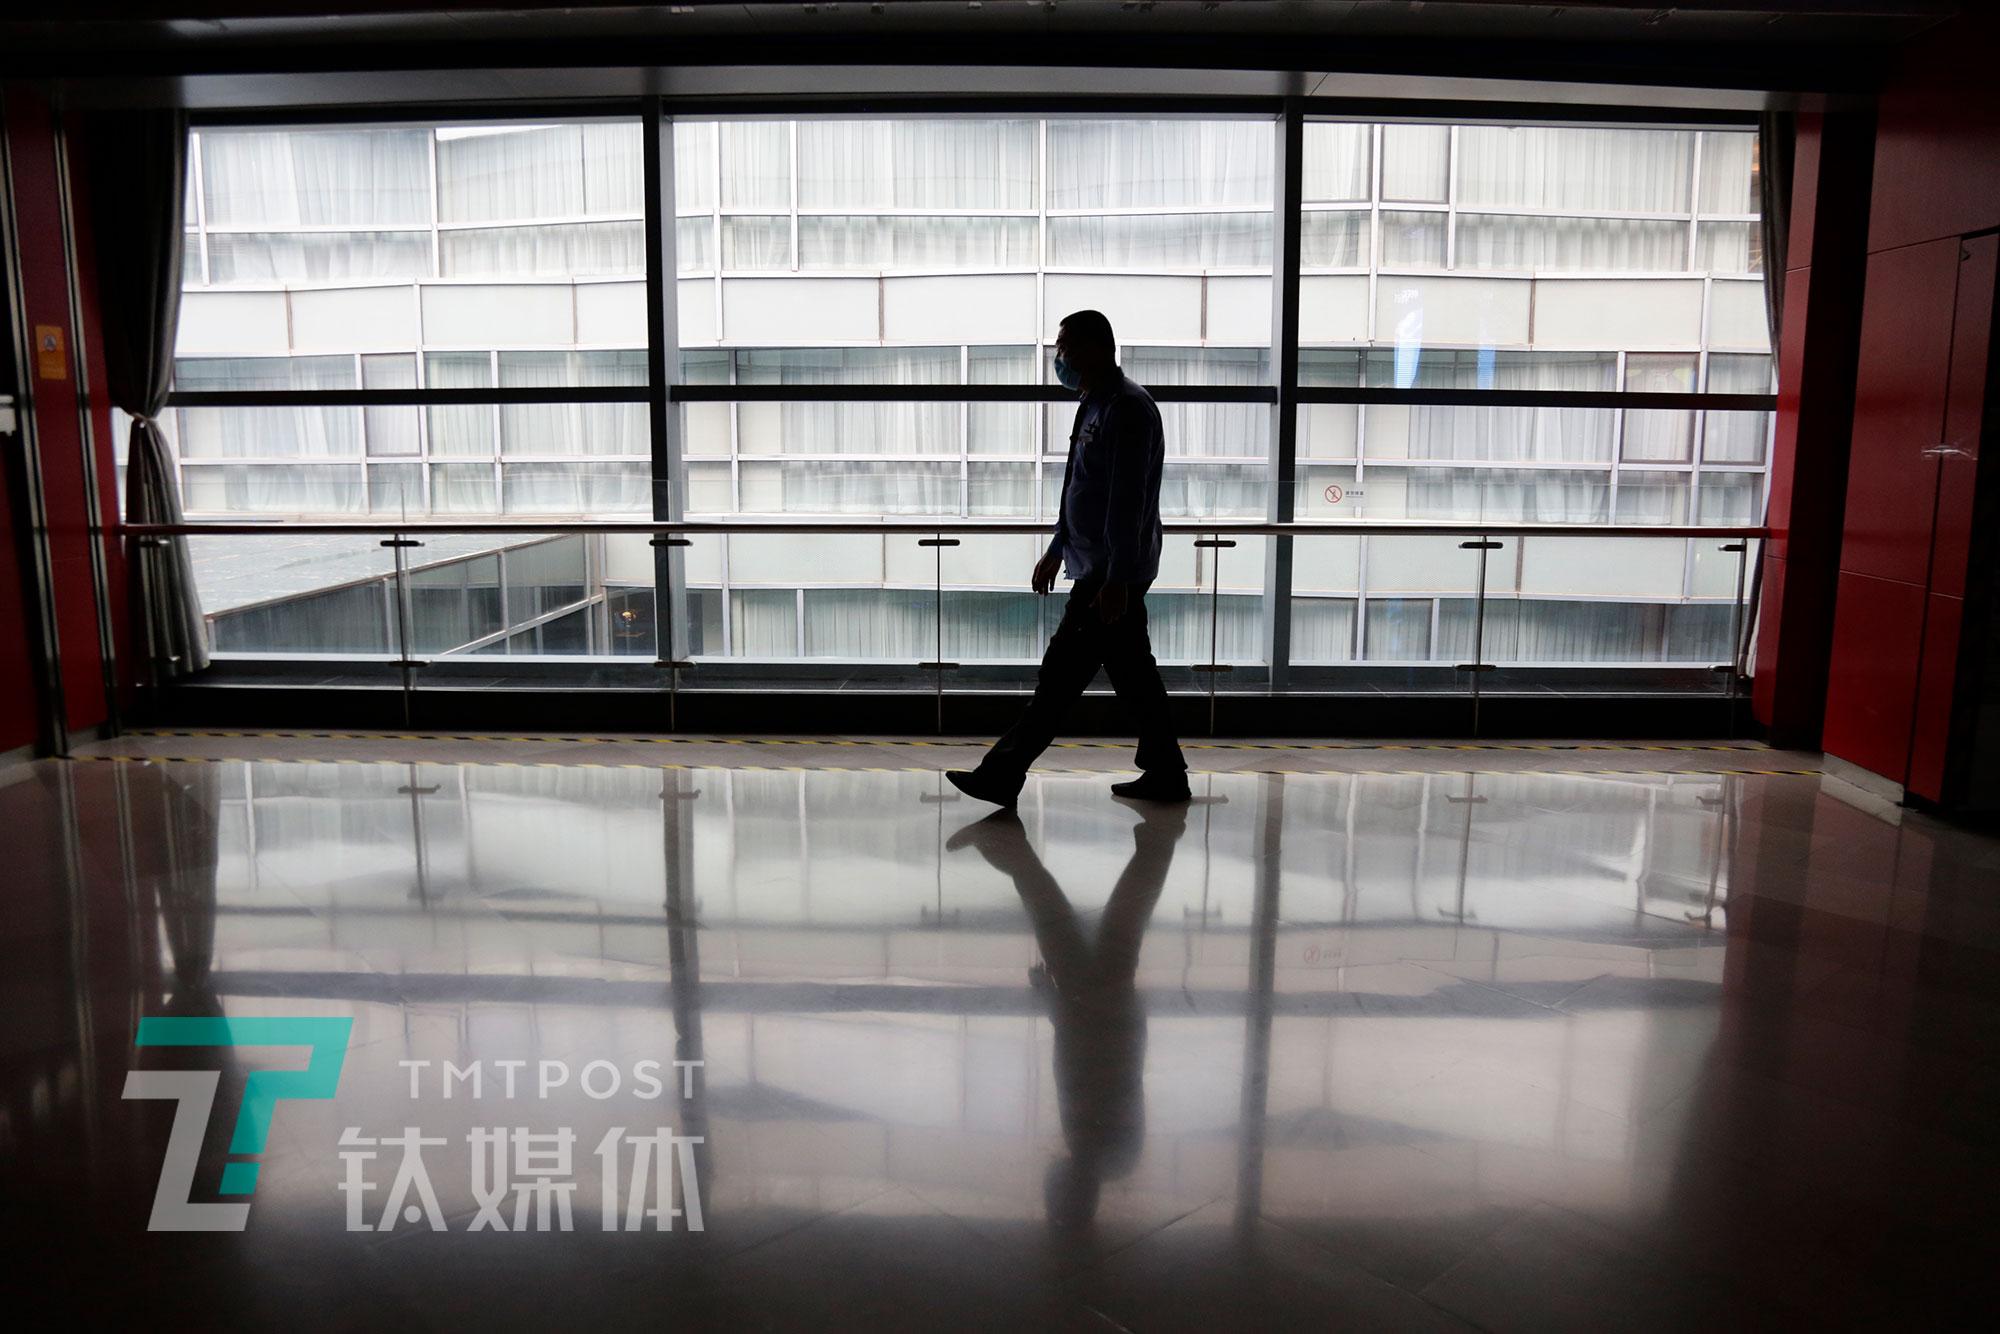 5月8日,北京,首都电影院保安人员巡检。